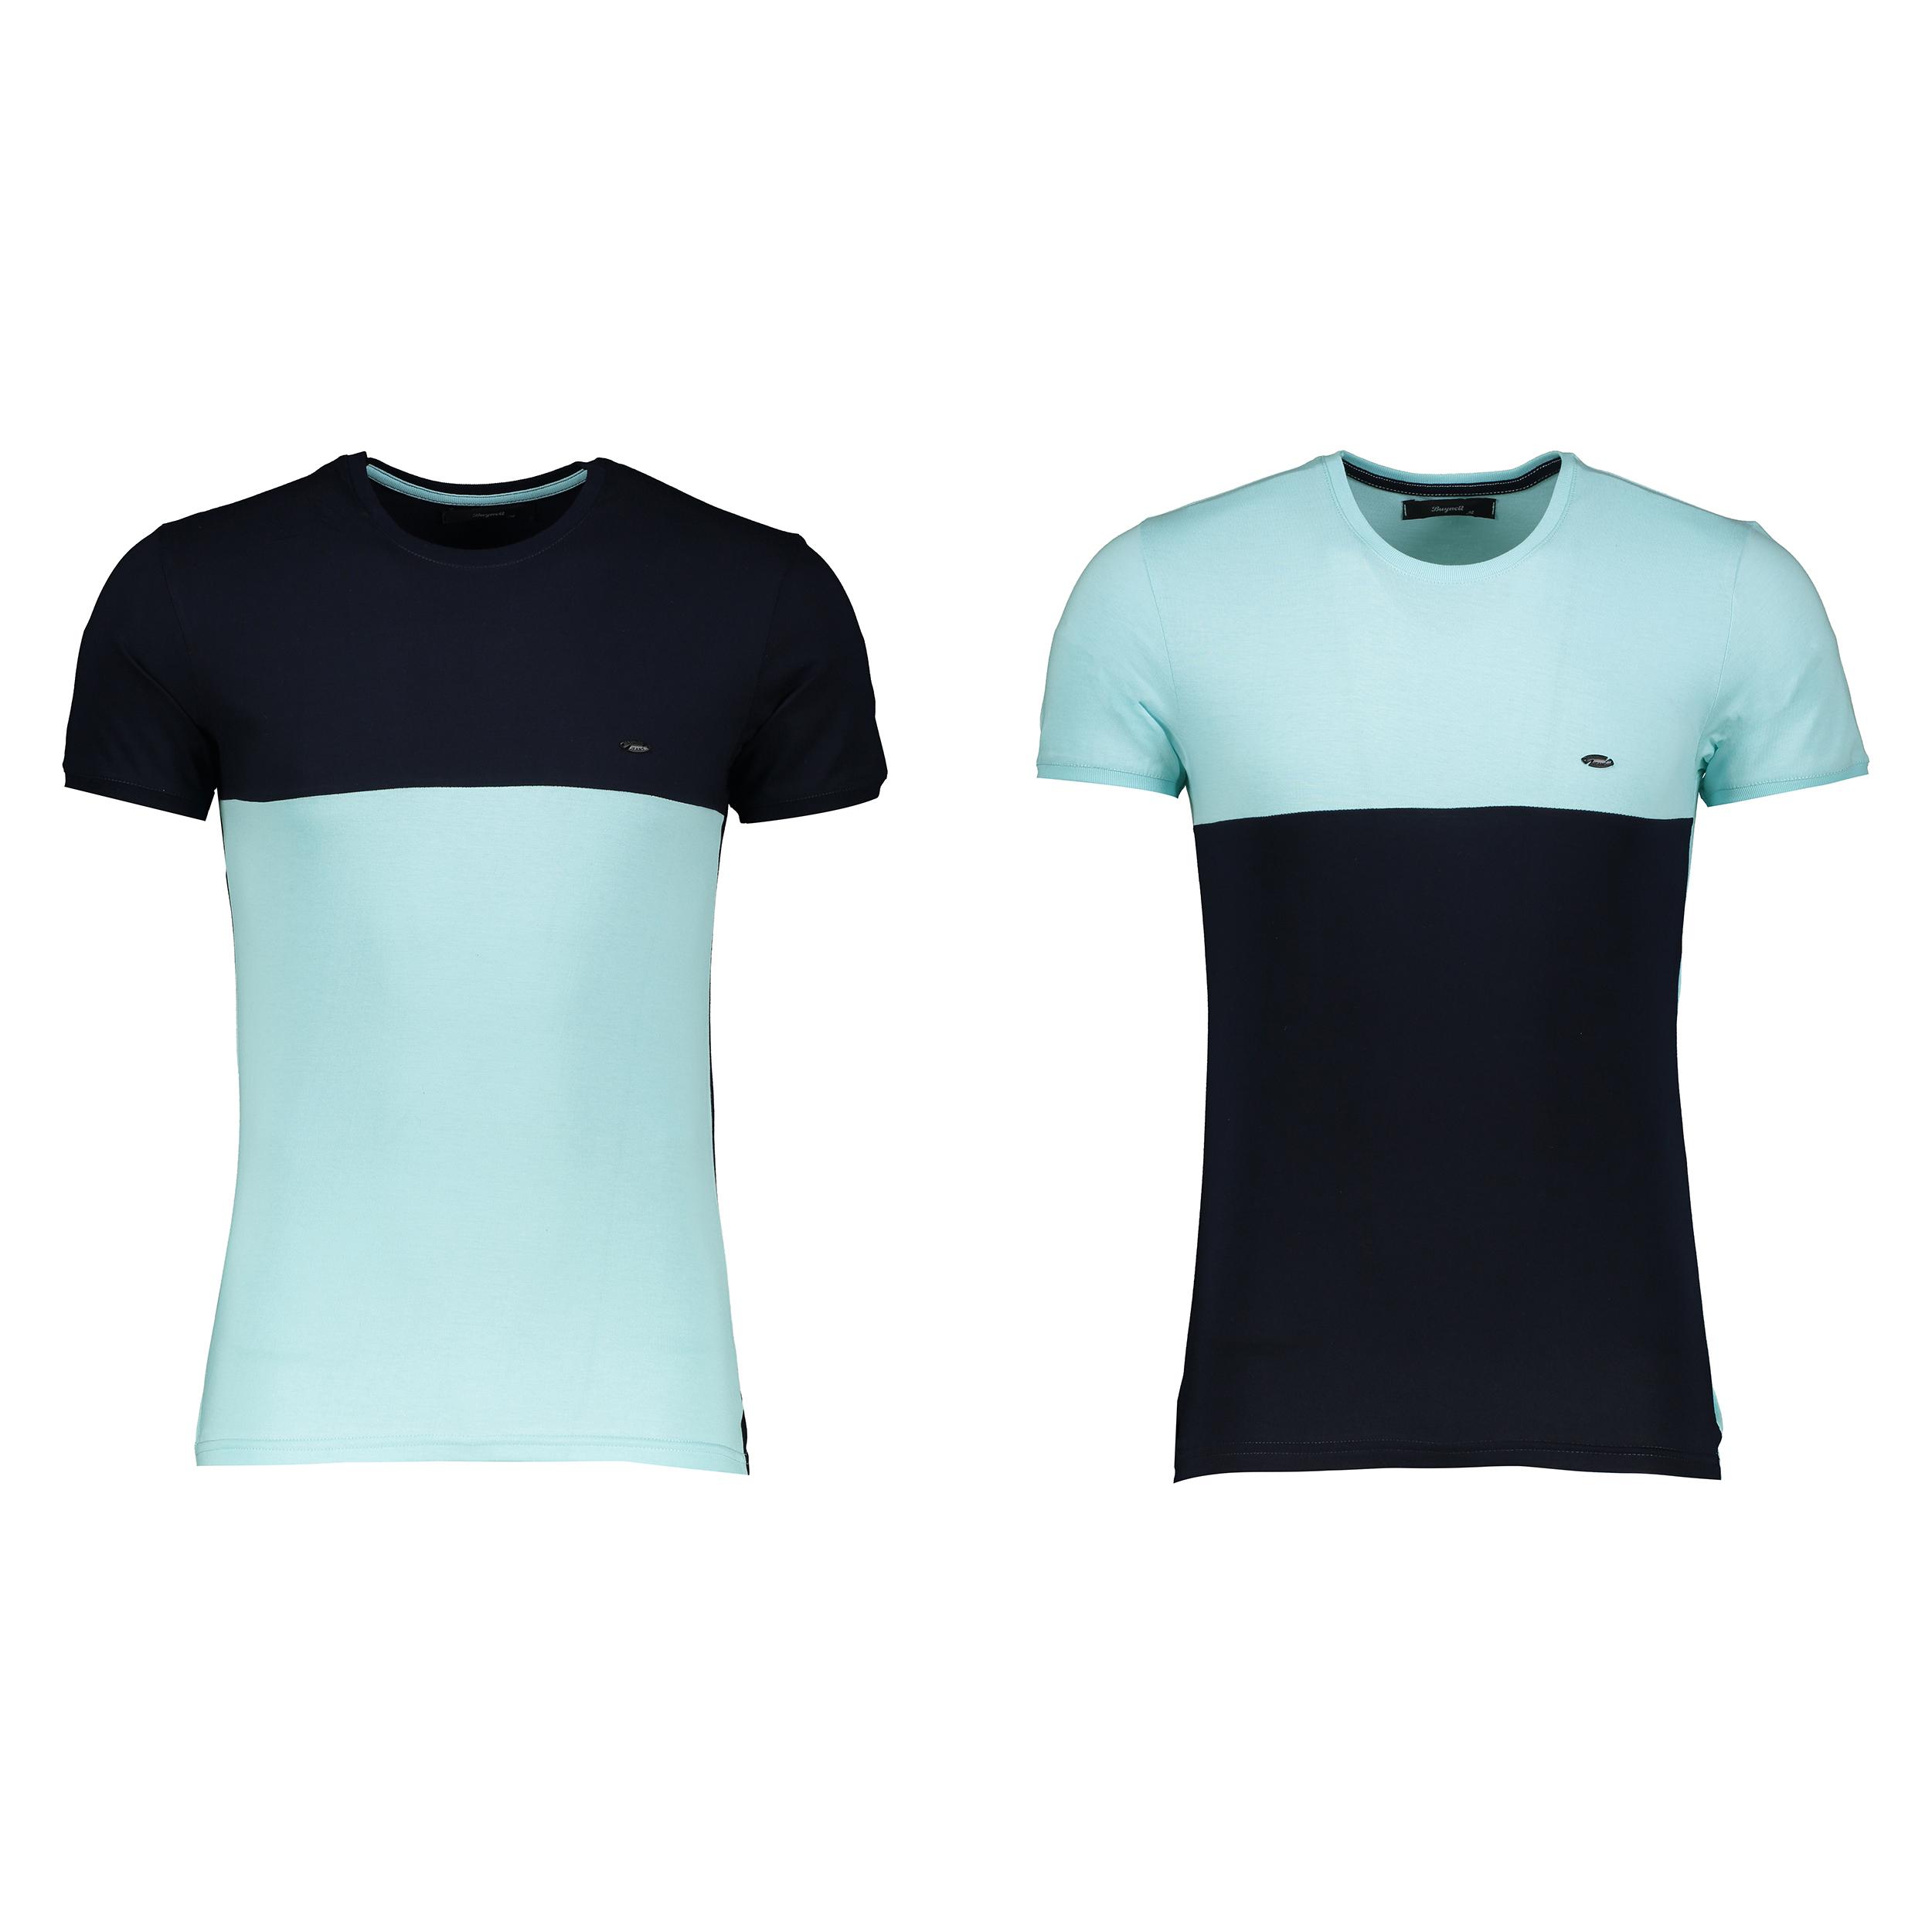 تی شرت آستین کوتاه مردانه بای نت کد 318 بسته 2 عددی